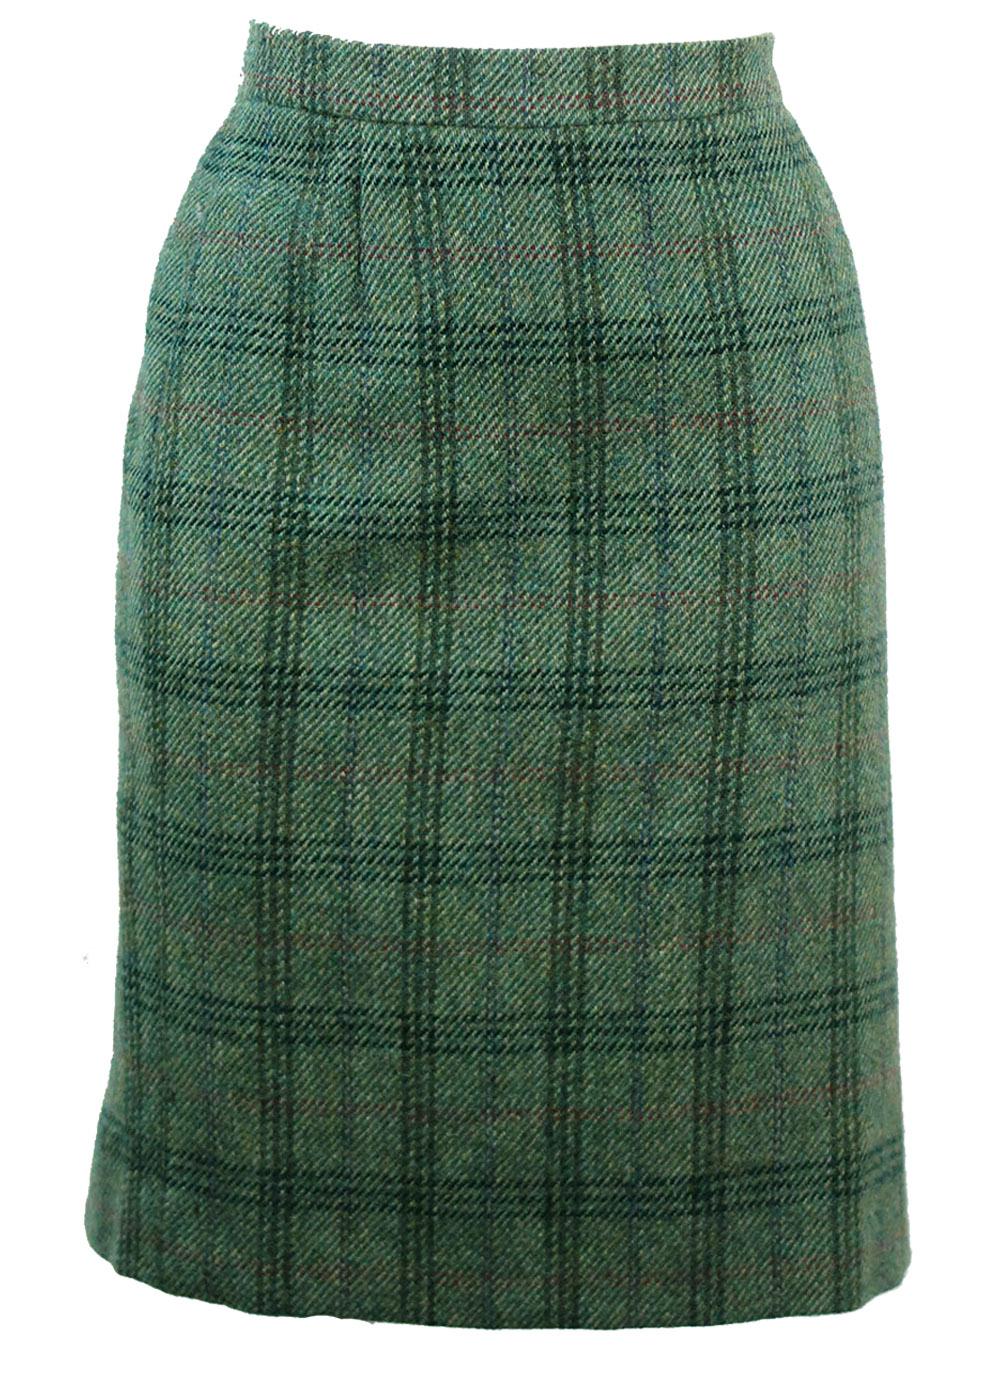 0d9ecbc7ba Green Woollen Tartan Pencil Skirt with Russet Highlights – M